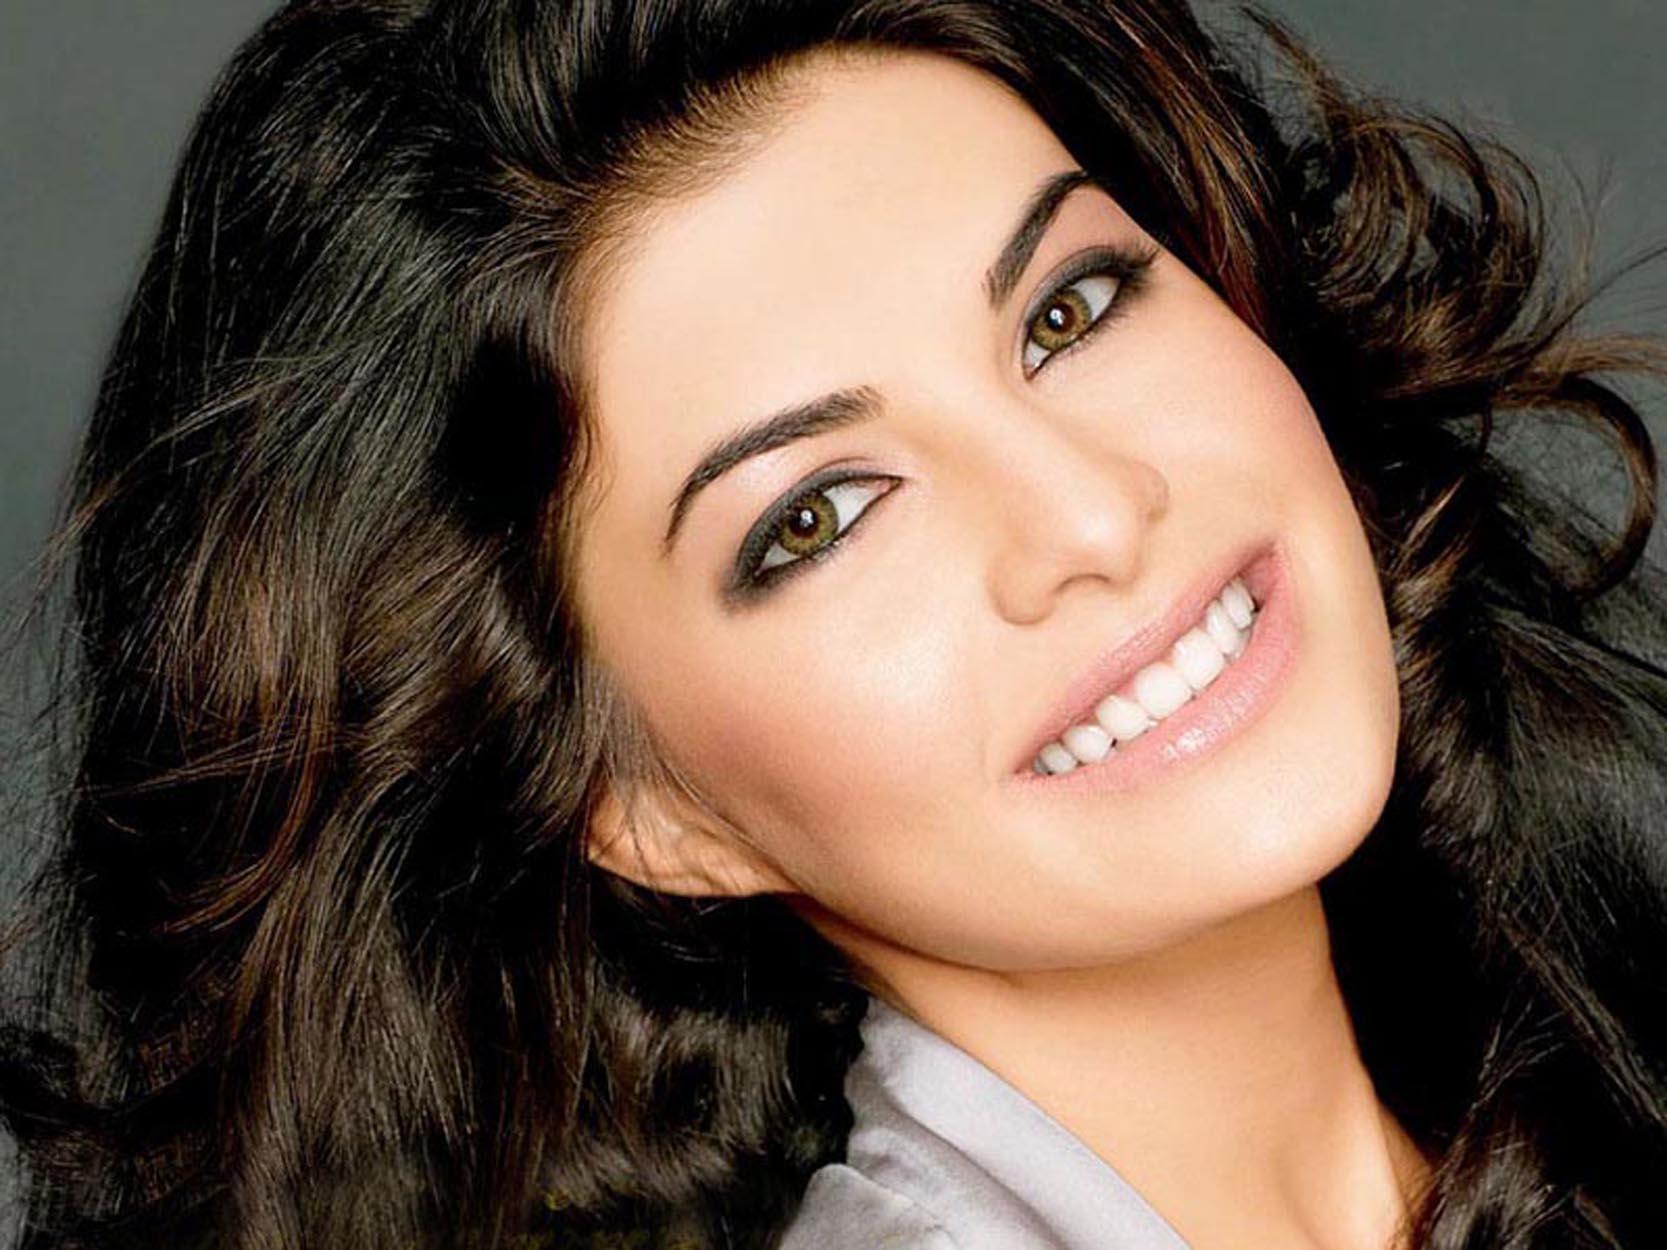 smiling face of Jacqueline Fernandez